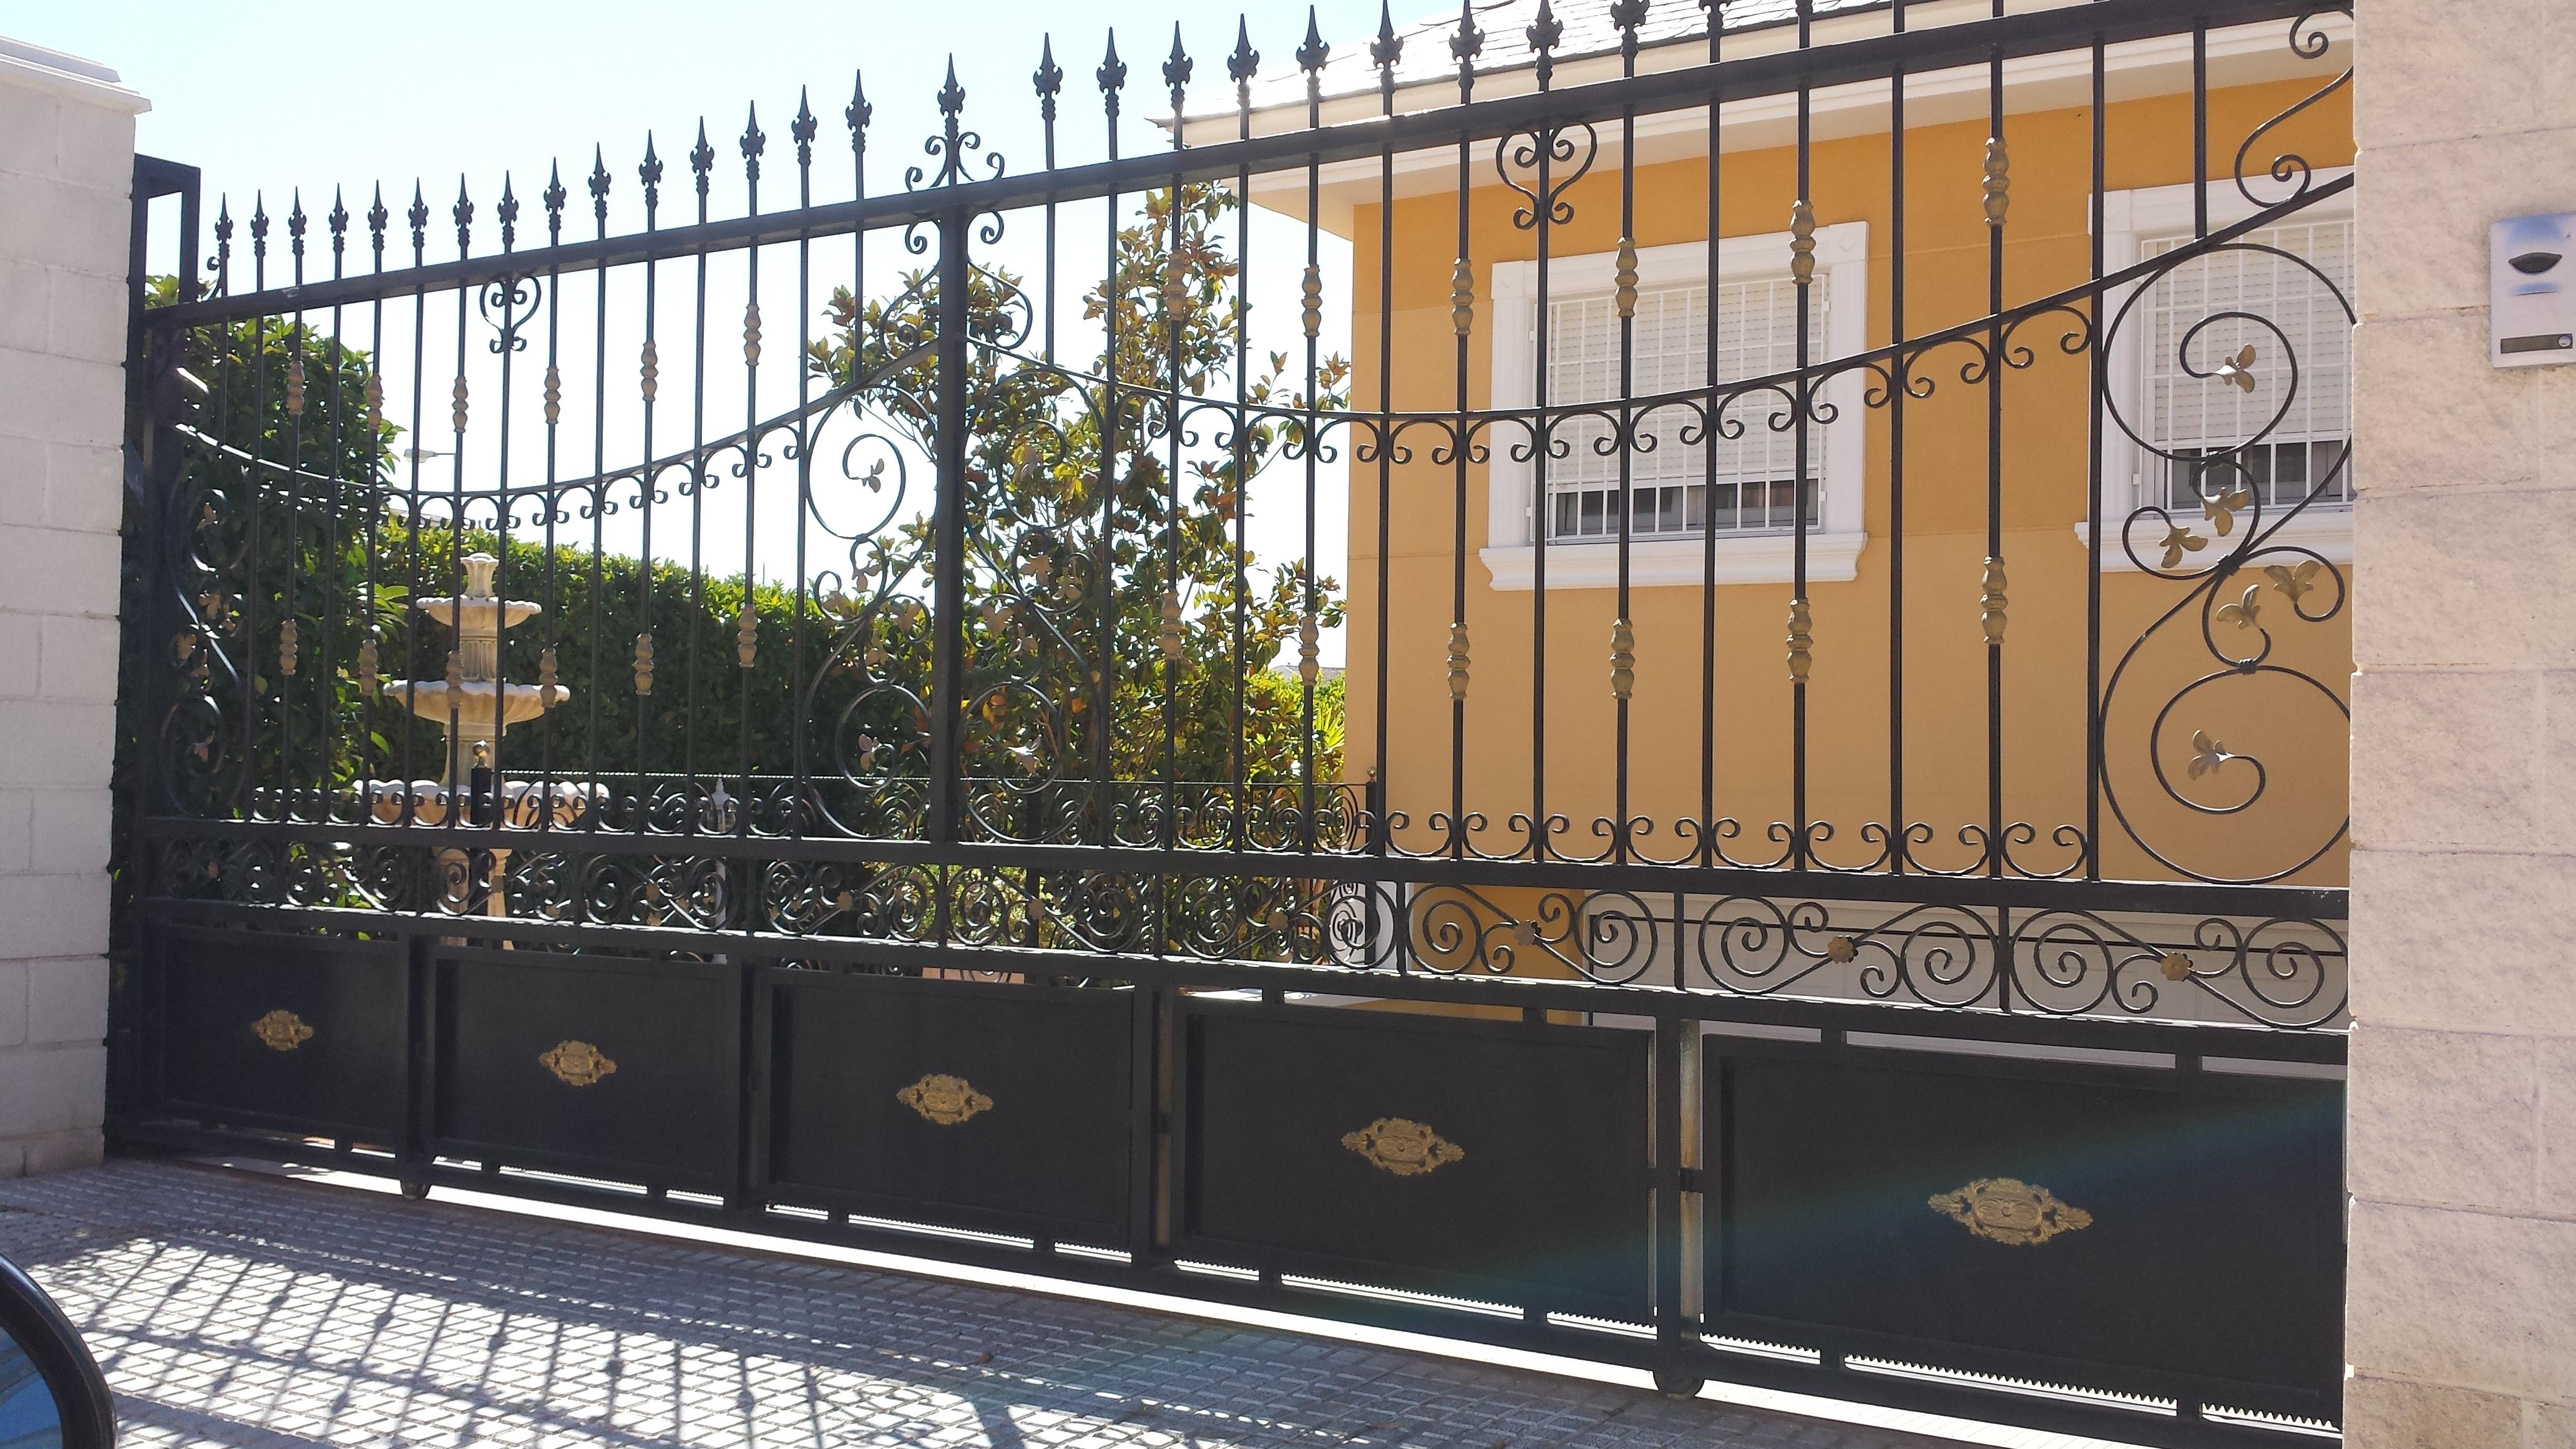 Vinuesa vallas cercados modelos valla verjas art sticas - Mejor pintura para hierro exterior ...